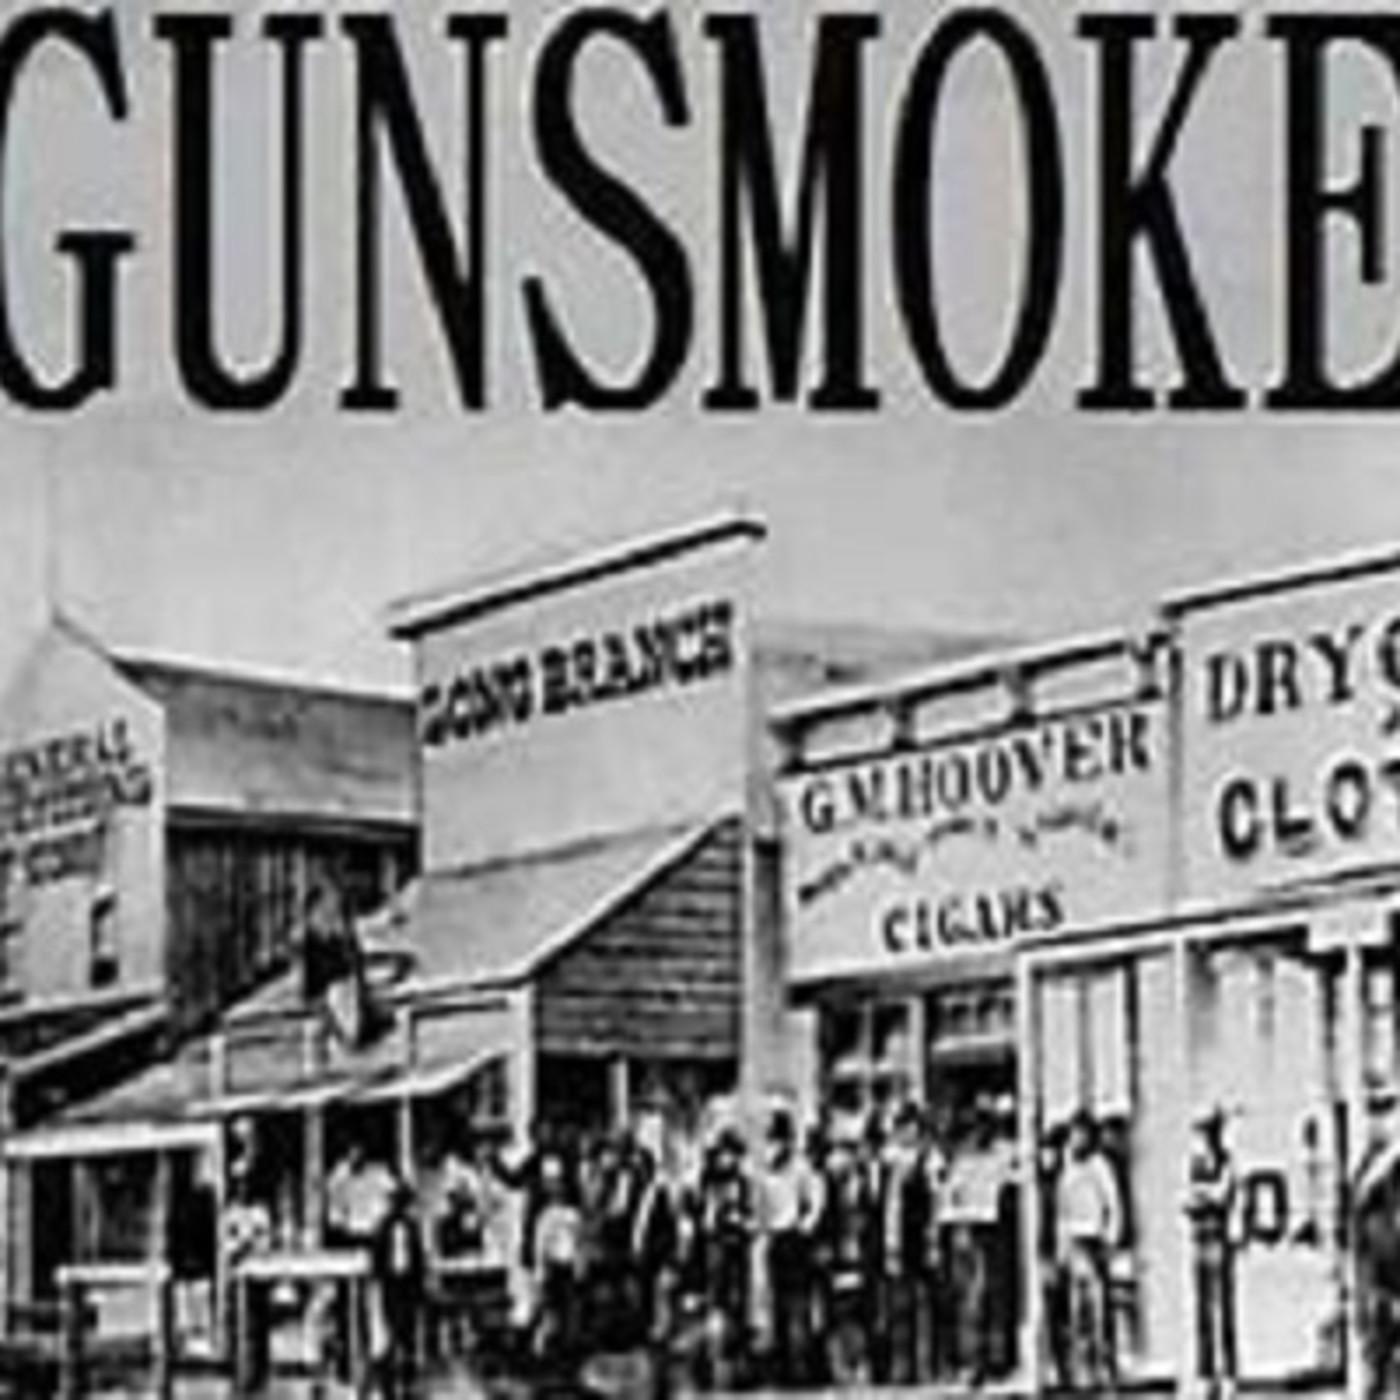 Gunsmoke 61-06-18 (480) Letter of the Law